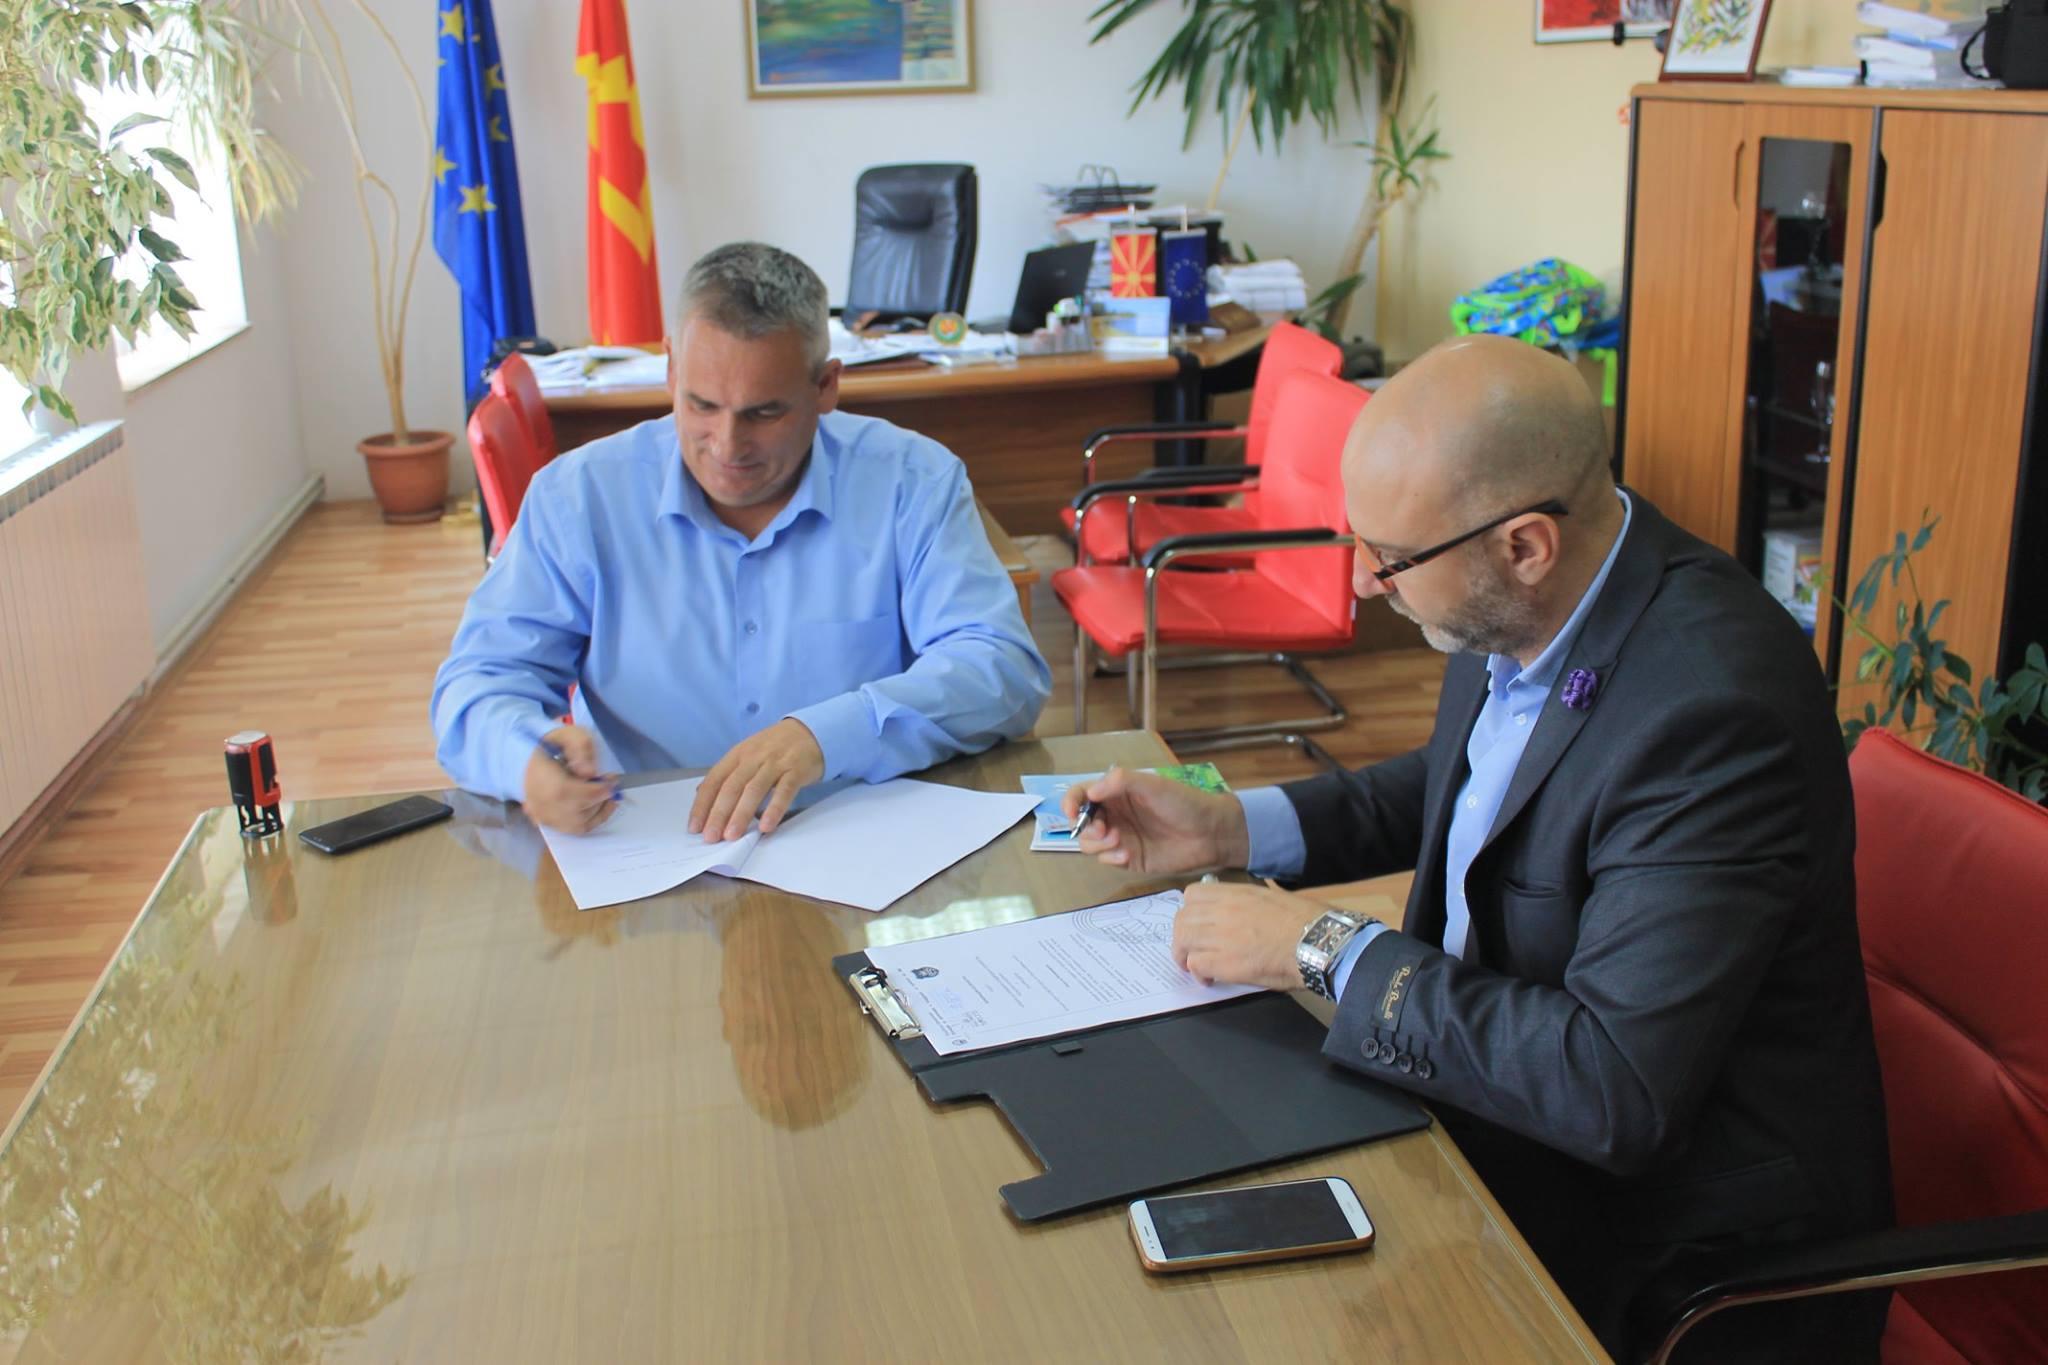 Потпишан Меморандум за соработка помеѓу општина Дебрца и Агенцијата за промоција и поддршка на туризмот на Република Македонија